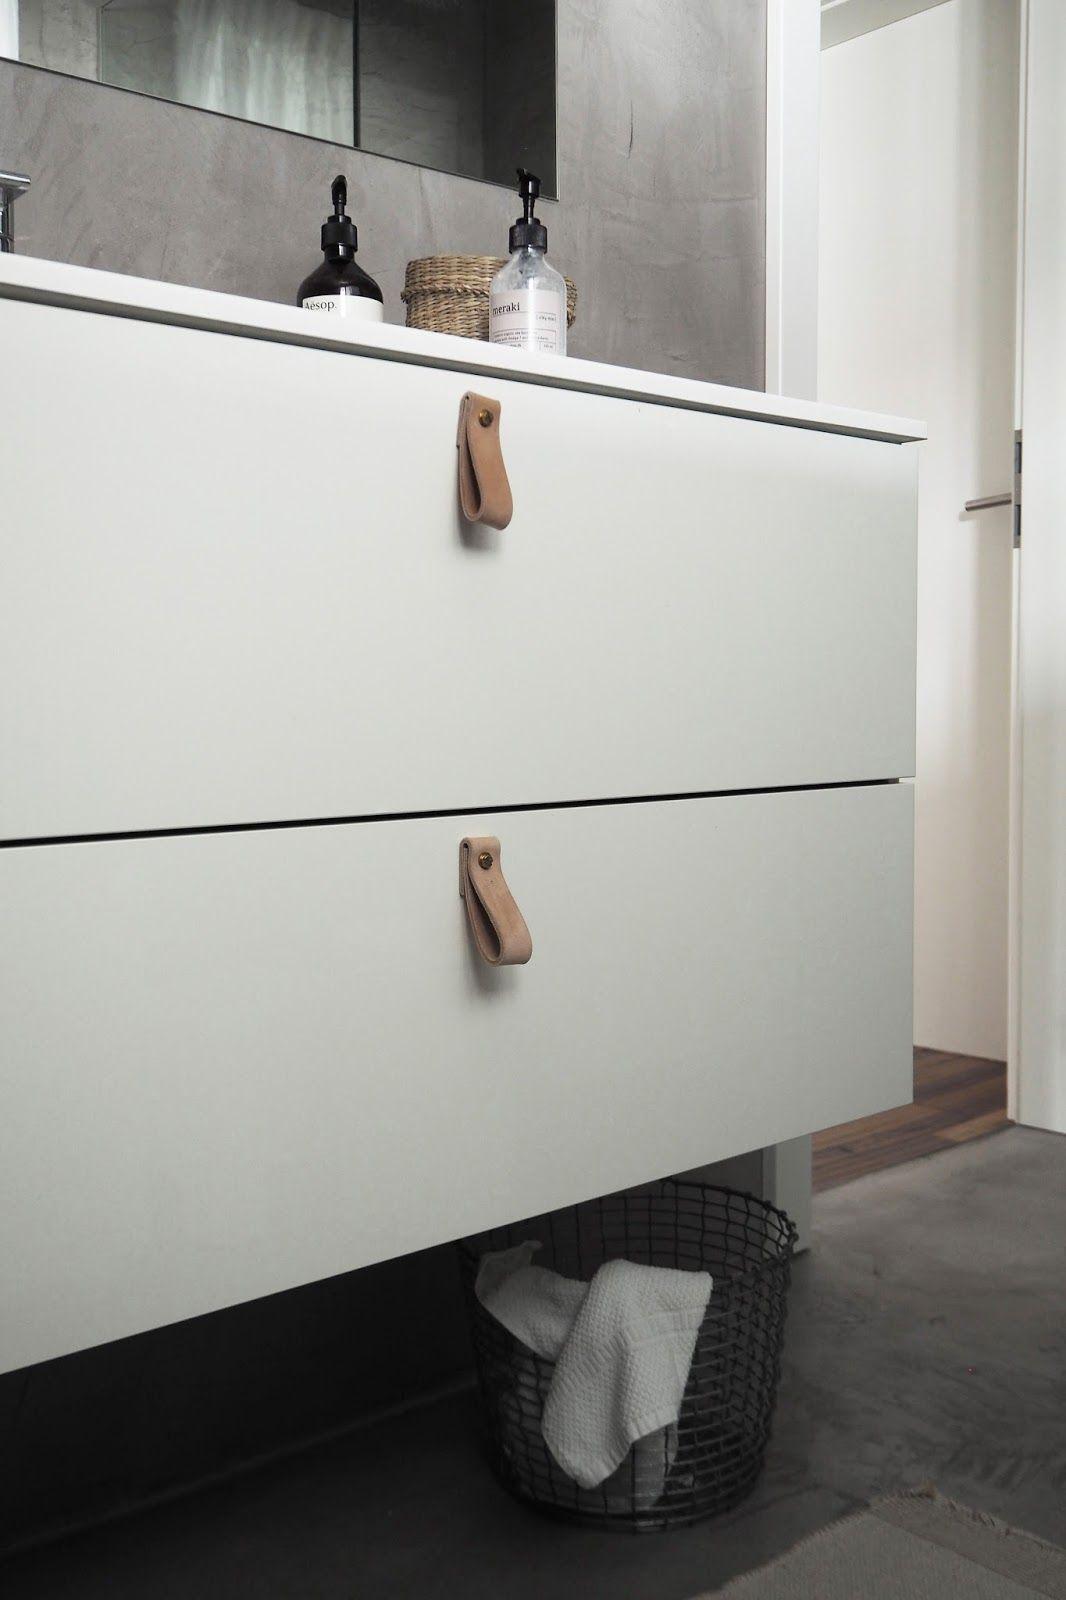 New Free Of Charge Diy Ikea Bathroom Accessories Ikea Bathroom